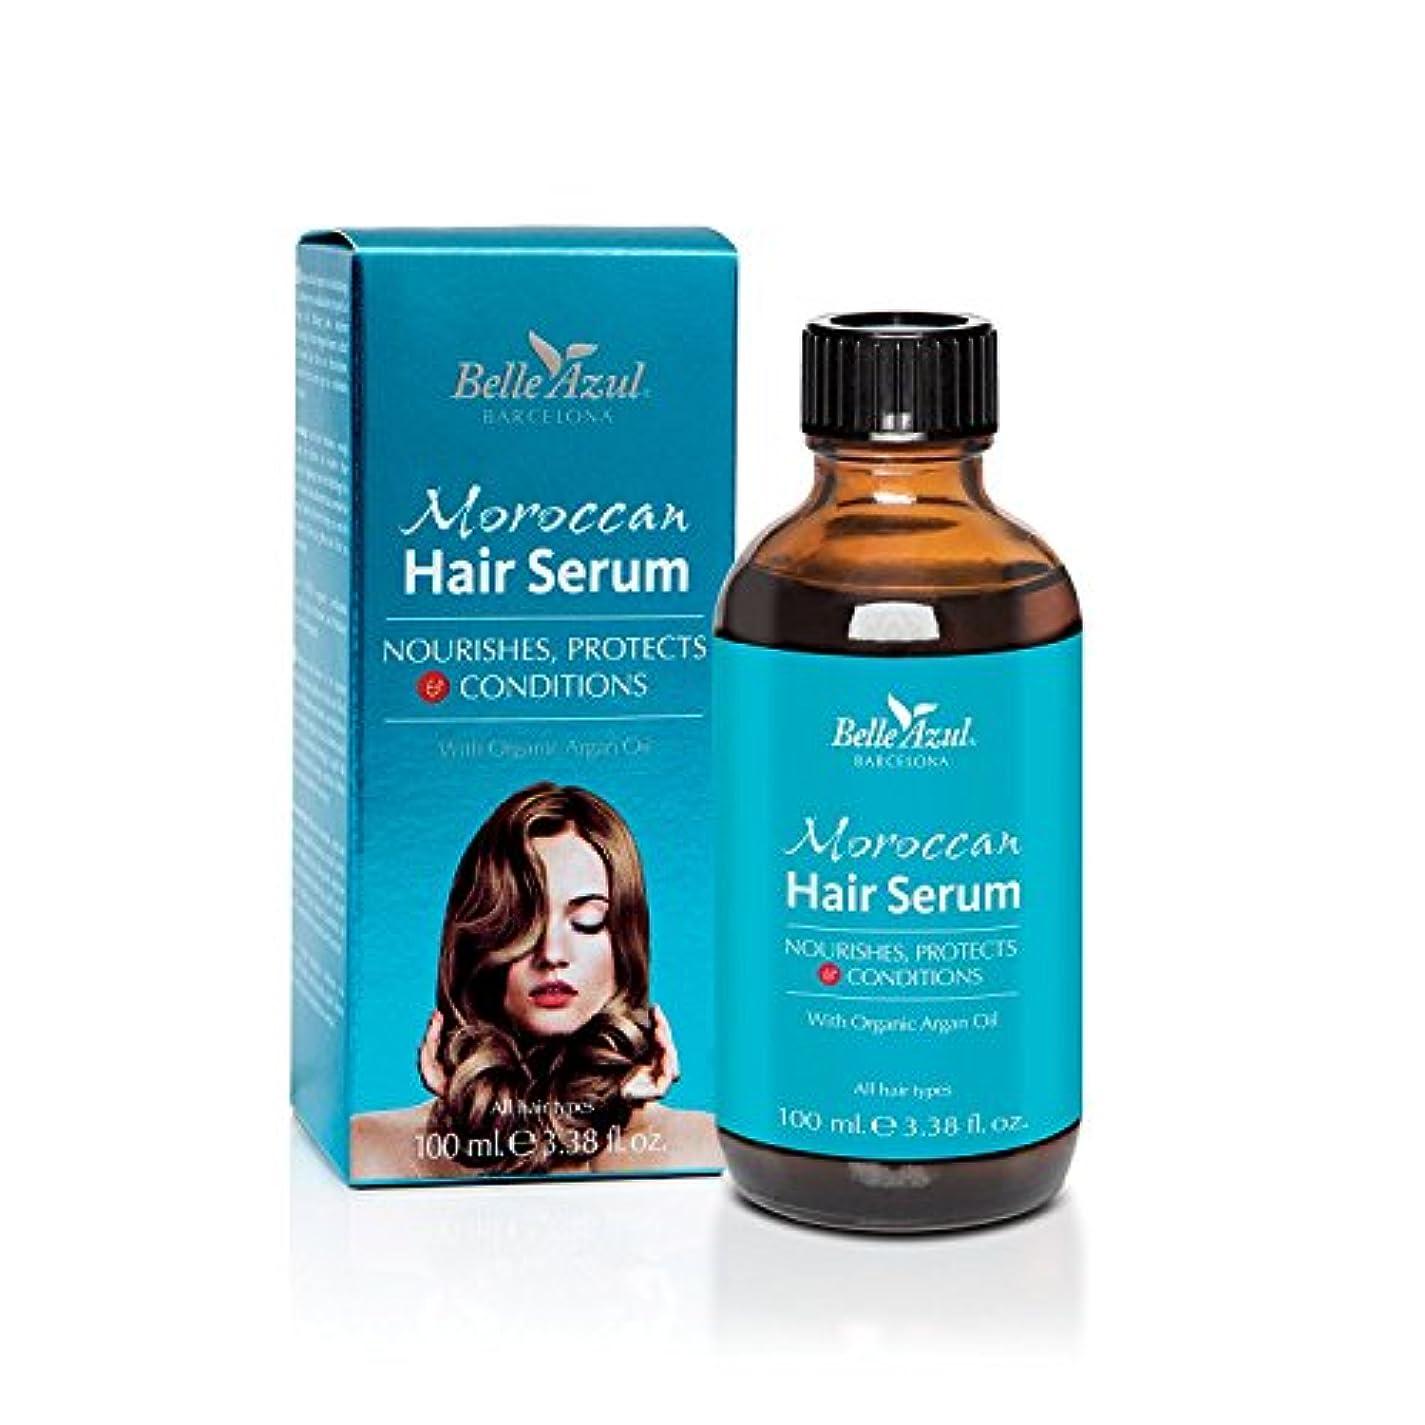 エンターテインメントへこみプレゼントベルアスール (Belle Azul) モロッカン ヘア セラム 髪用 美容液 アルガンオイル 配合